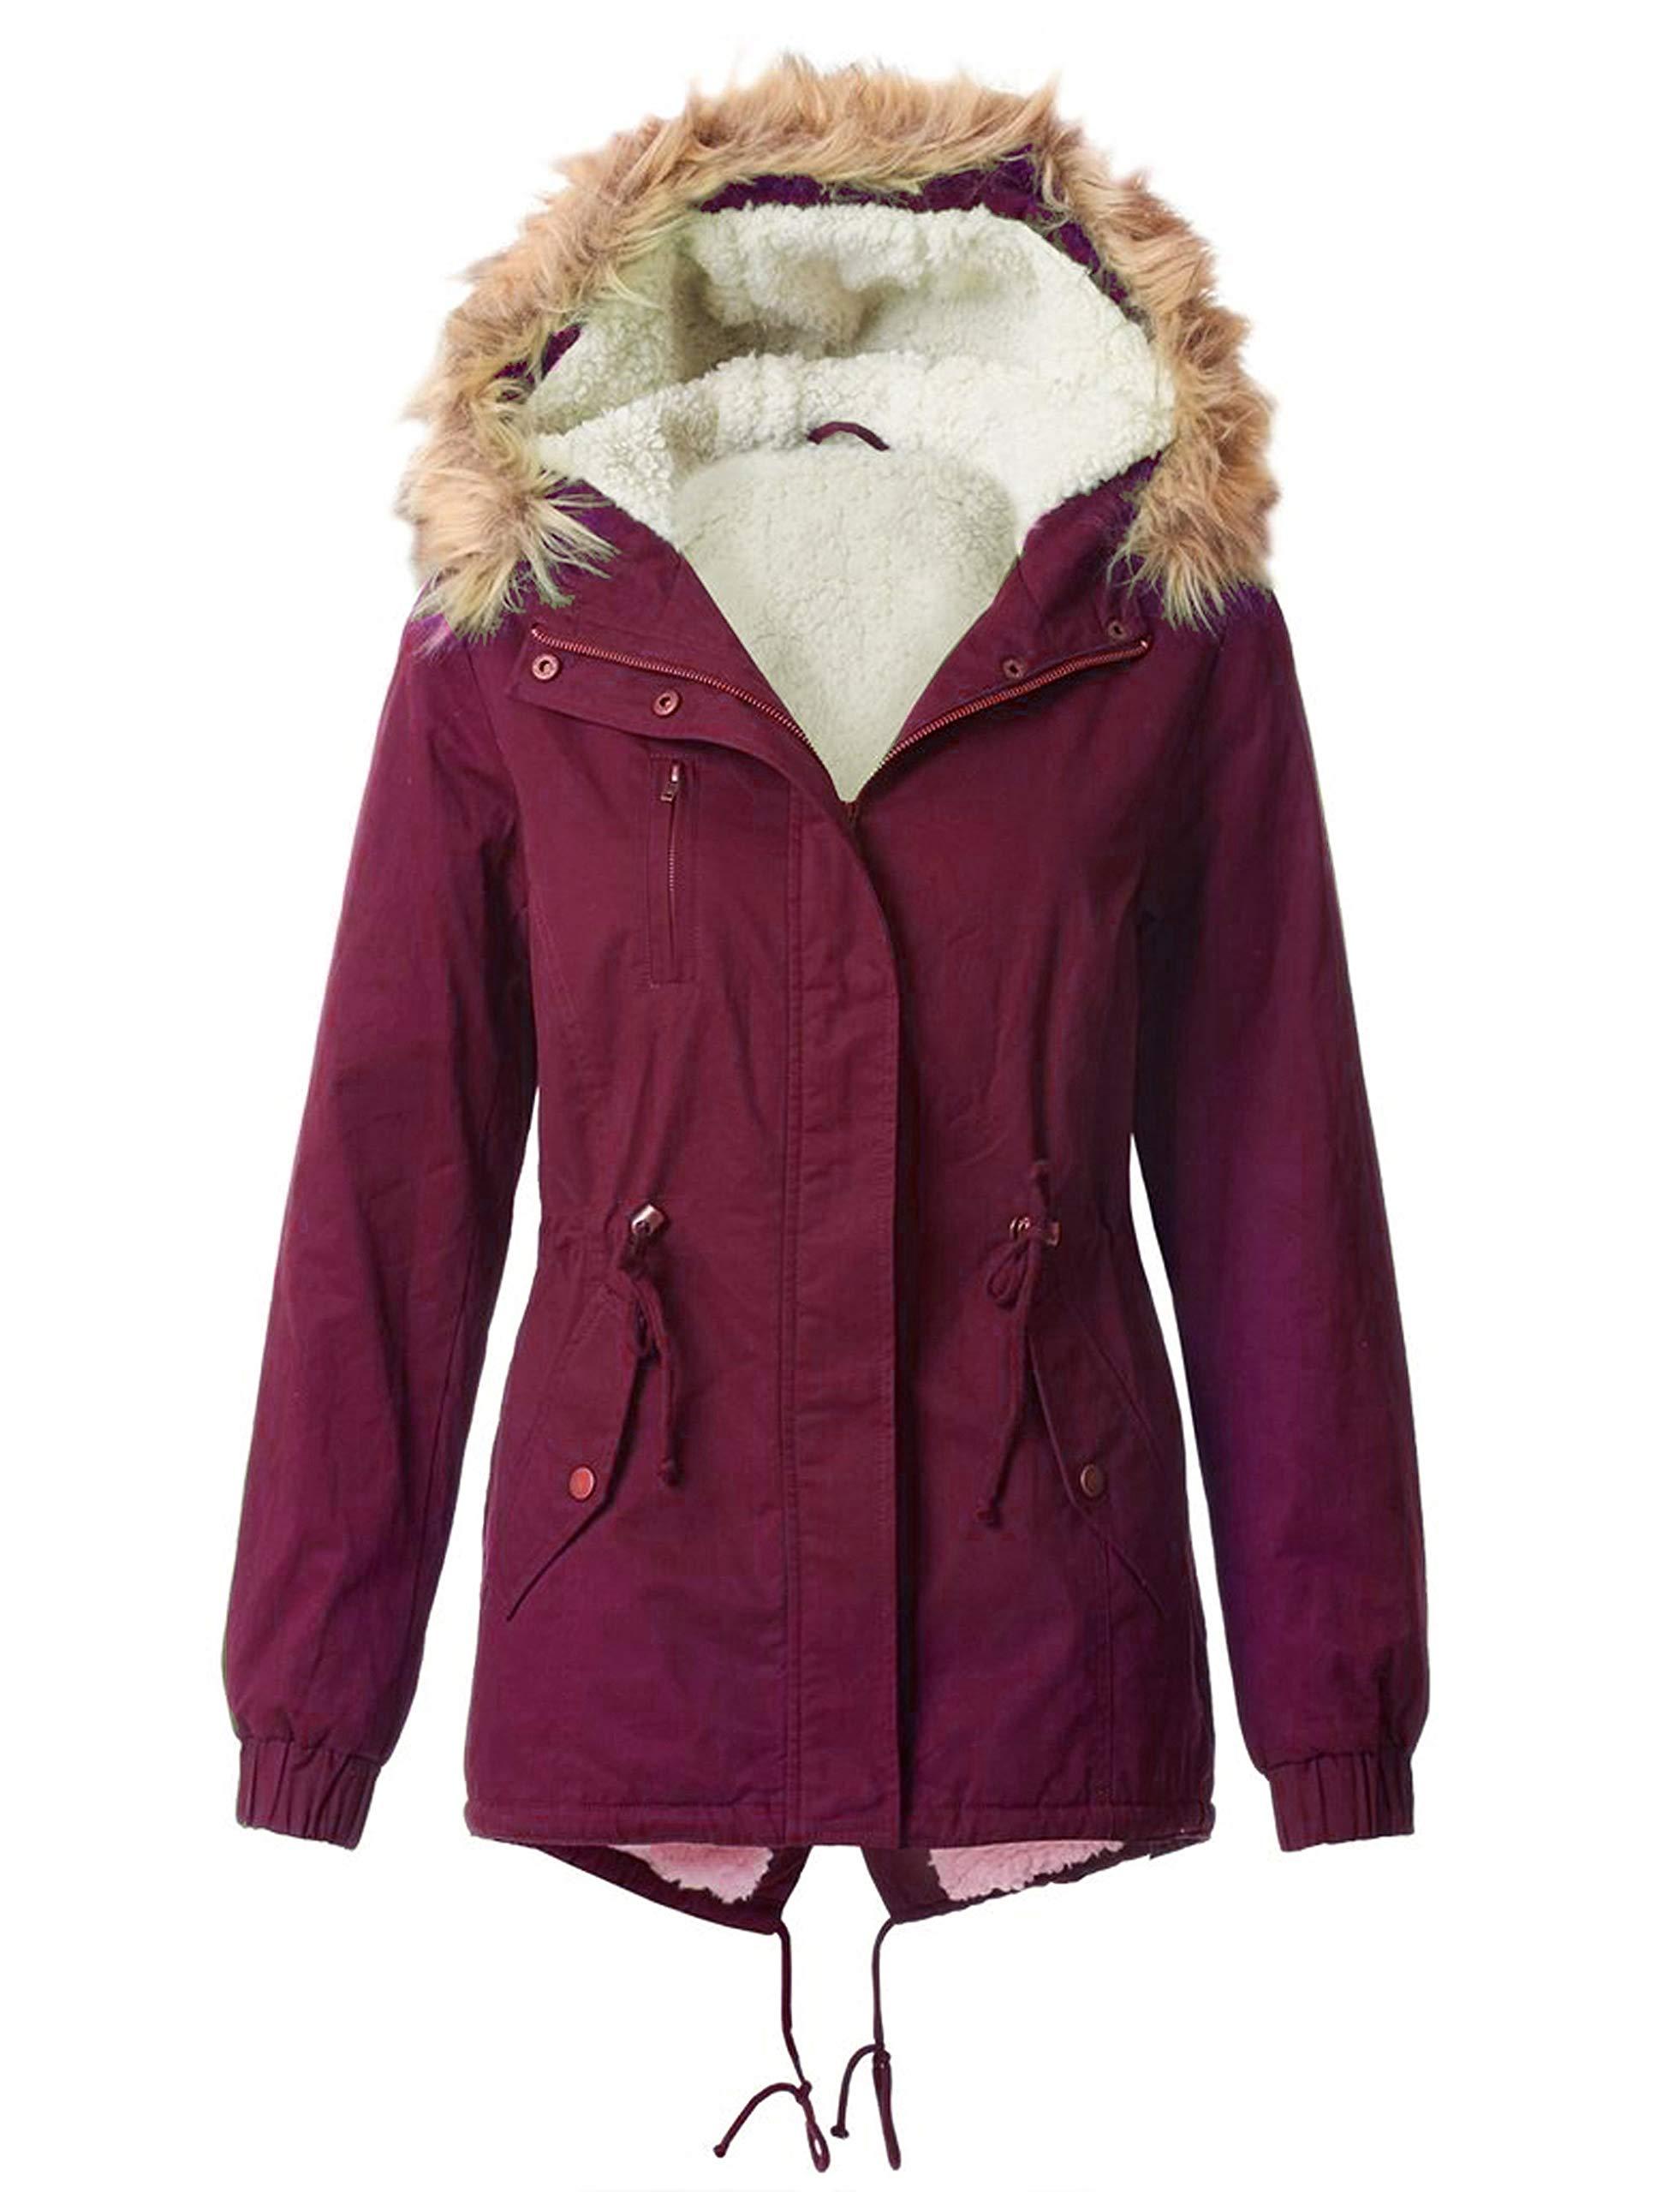 OLLIE ARNES Women's Versatile Utilitarian Warm Anorak Drawstring Parka Jacket 850J_Wine M by OLLIE ARNES